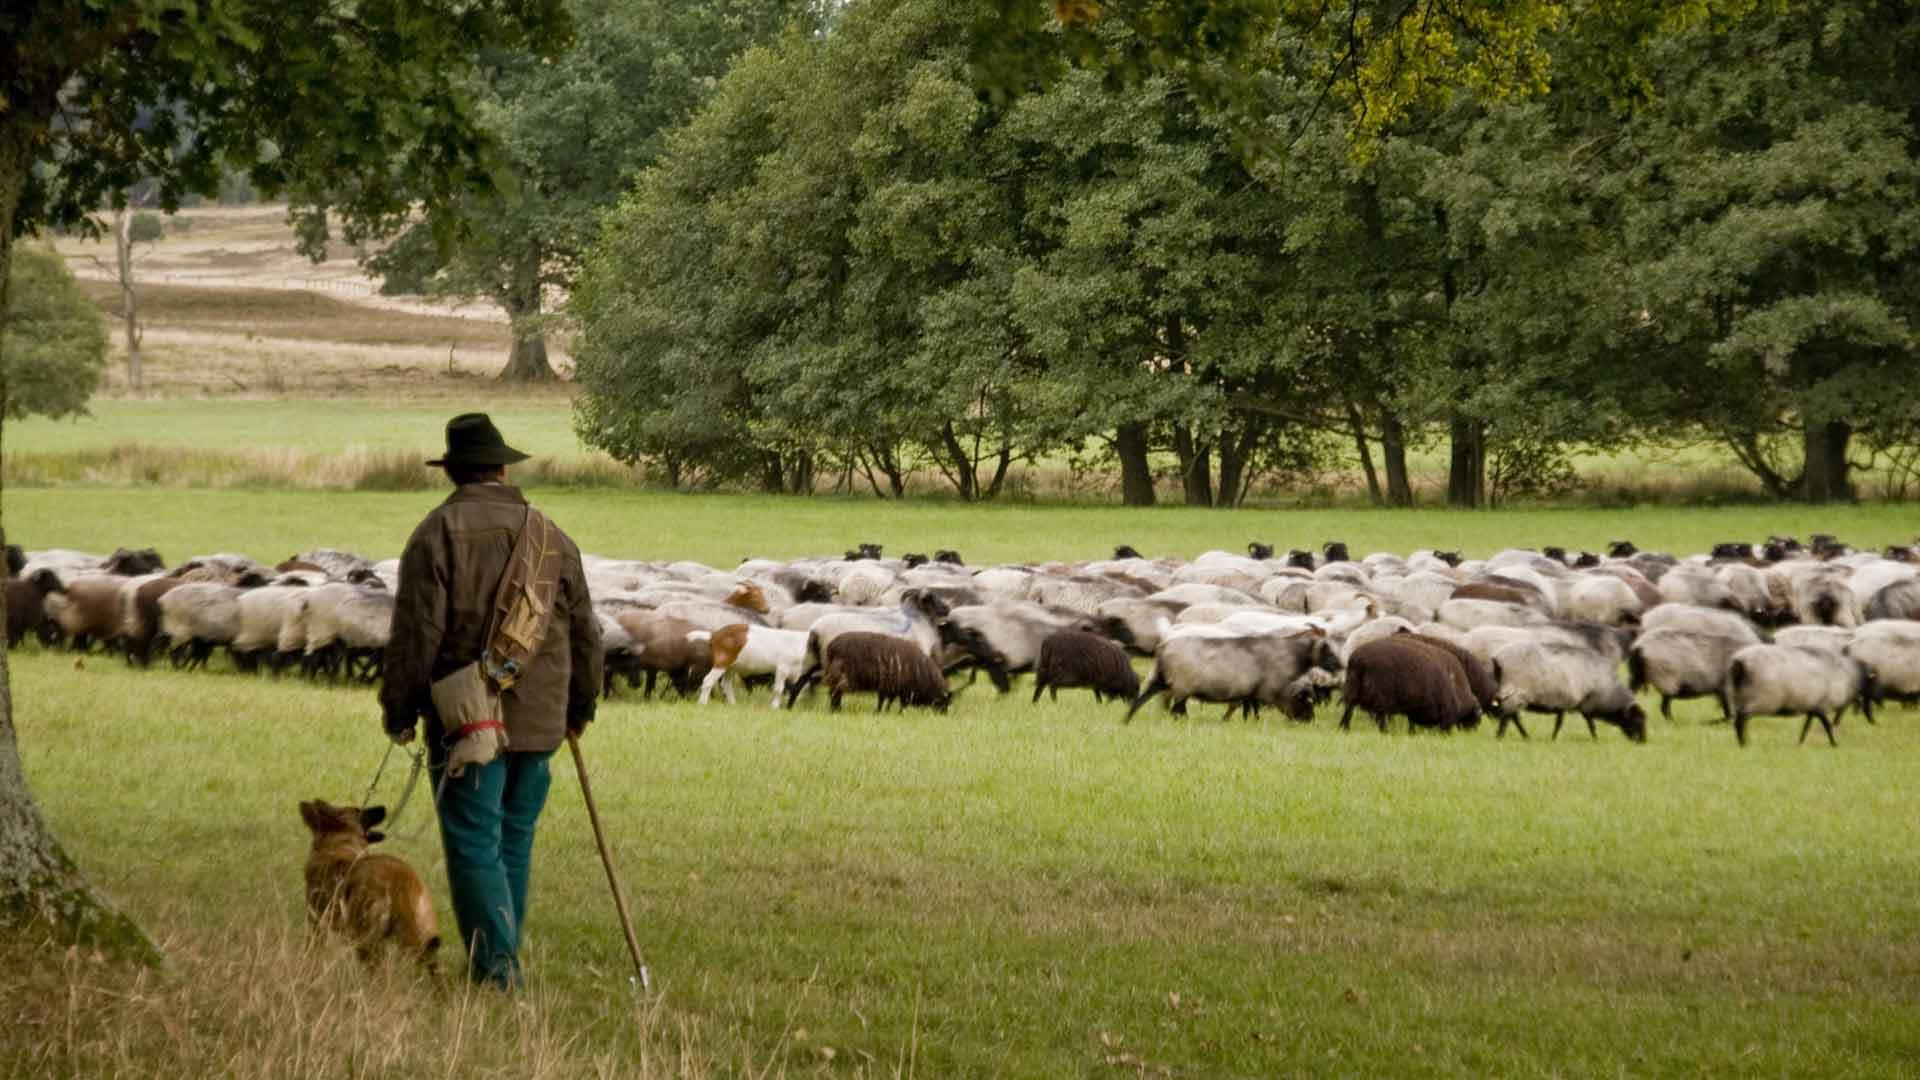 Luneburger-heide-herder-F-9536947-c-crimosn